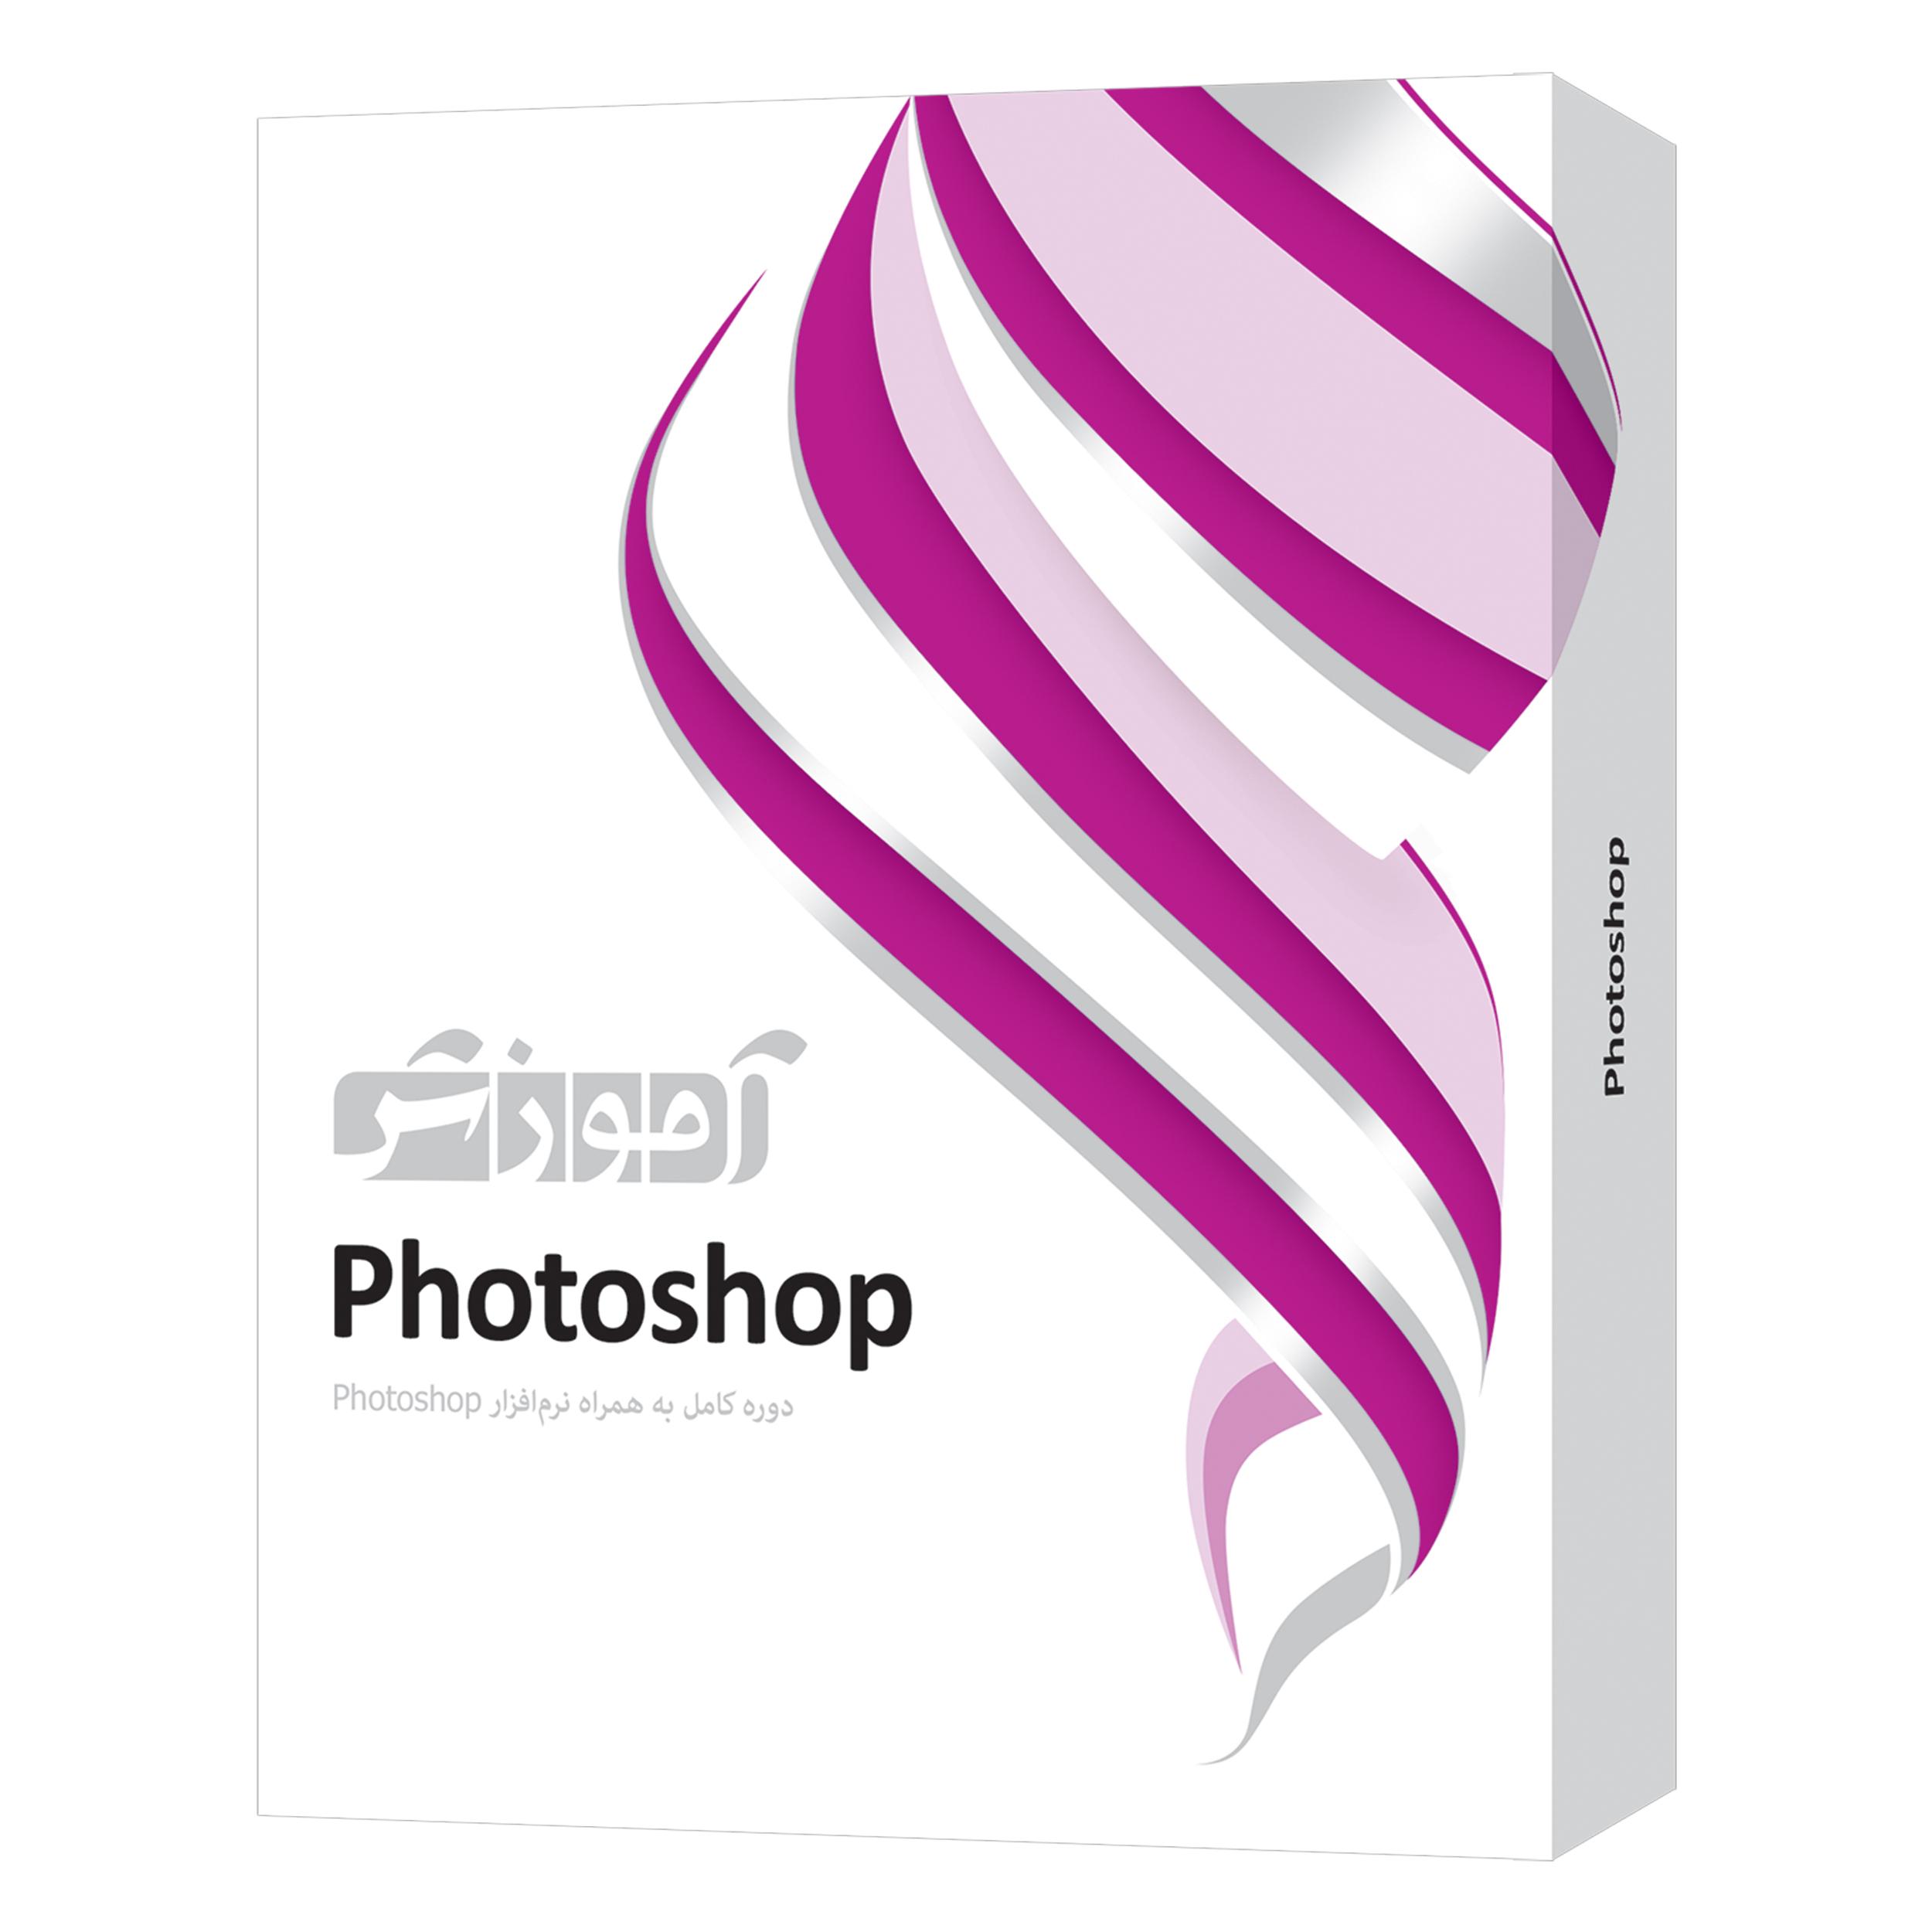 نرم افزار آموزش Photoshop 2020 شرکت پرند